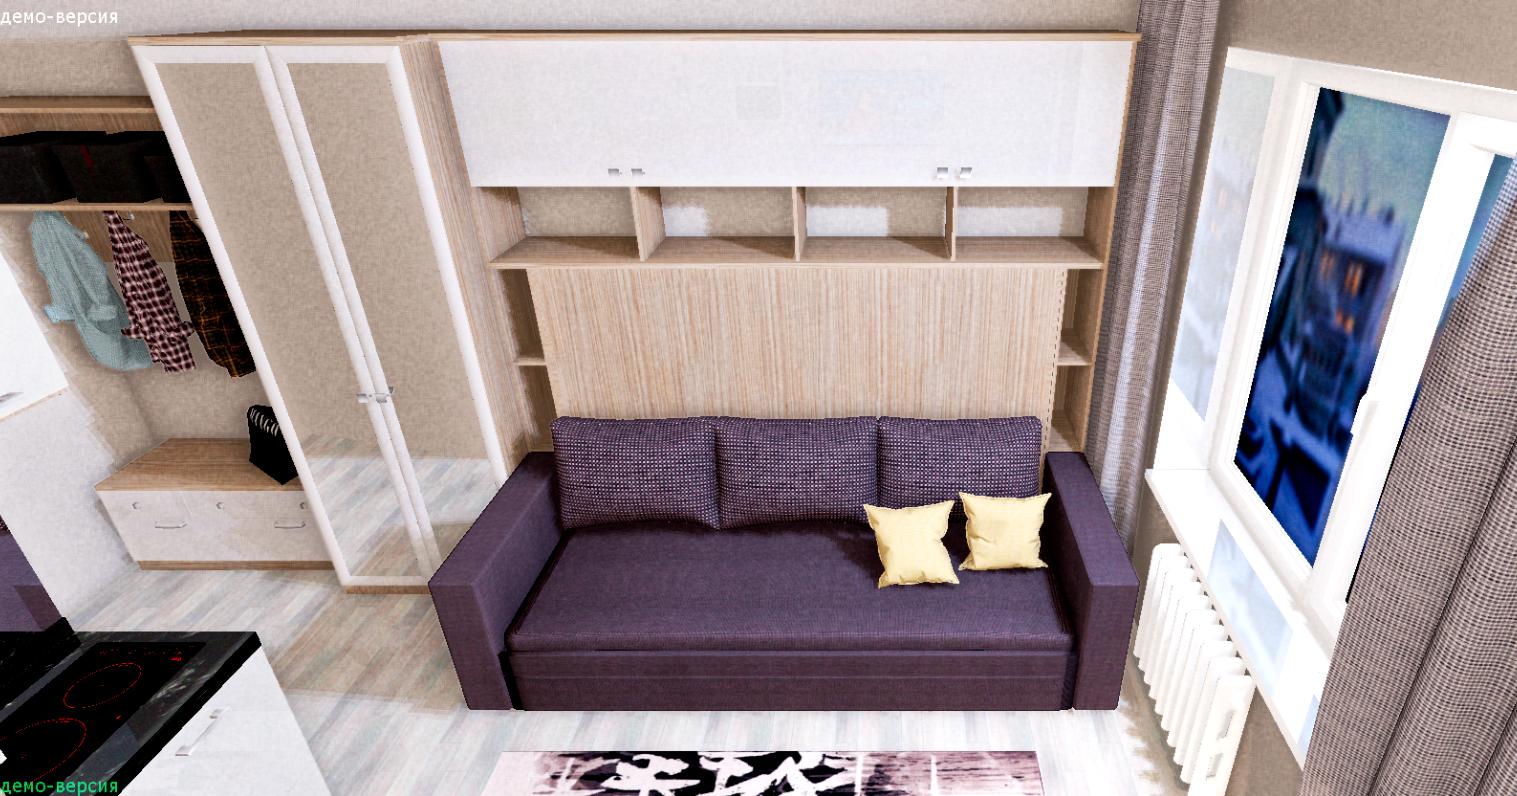 Впихнуть «невпихуемое»: мебель для микроквартиры